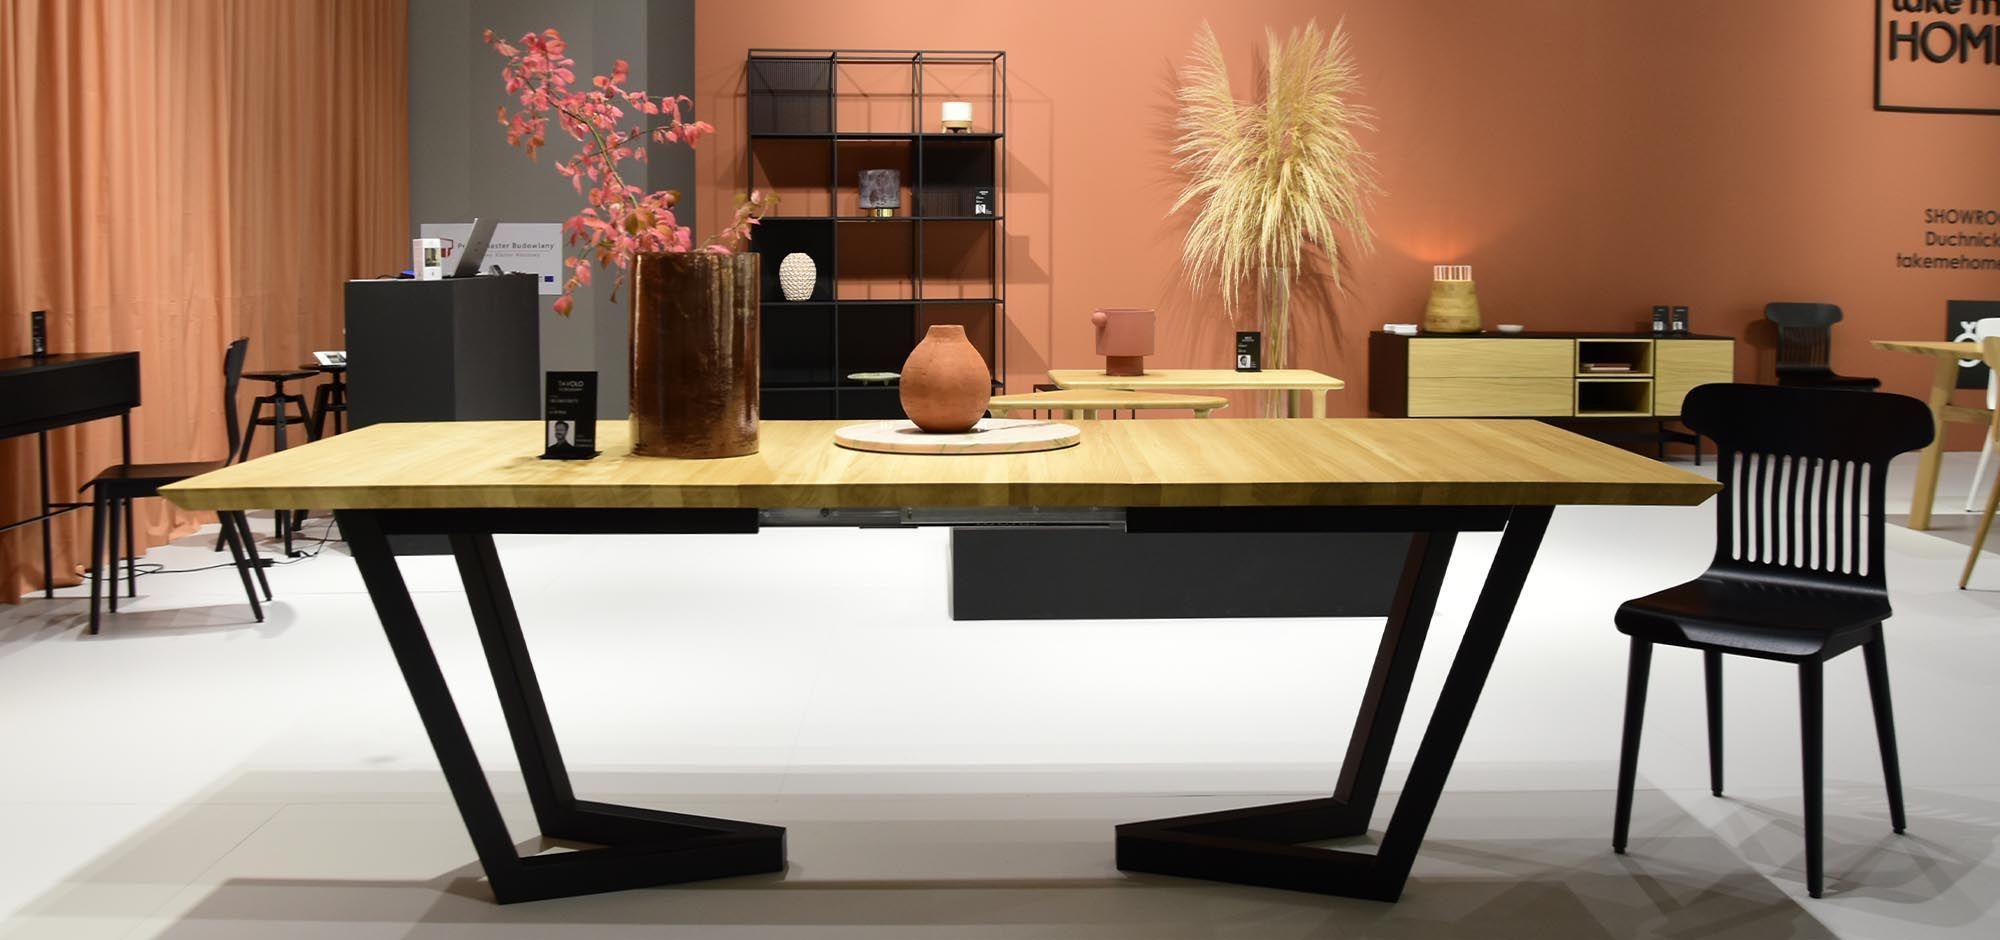 dębowy stół w stylu skandynawskim rozkładany